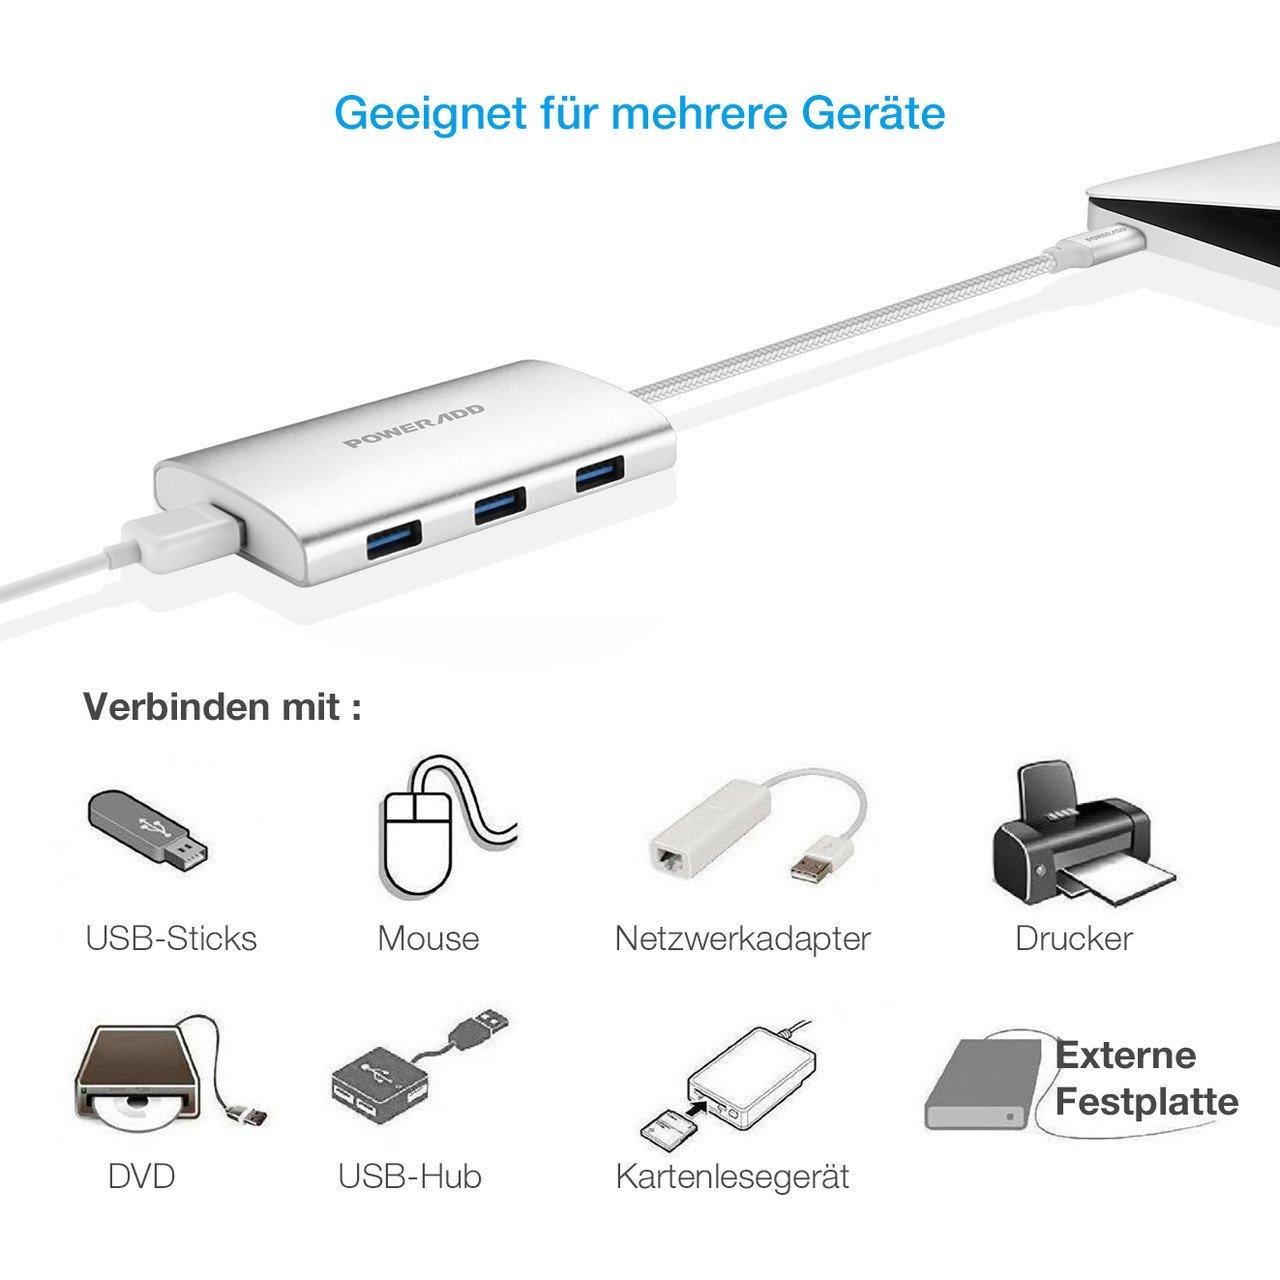 POWERADD Type C Hub USB 3.0 Super Speed Datengeschwindigkeit, für MacBook, Phones, USB Flash Drive,PC (4ports)